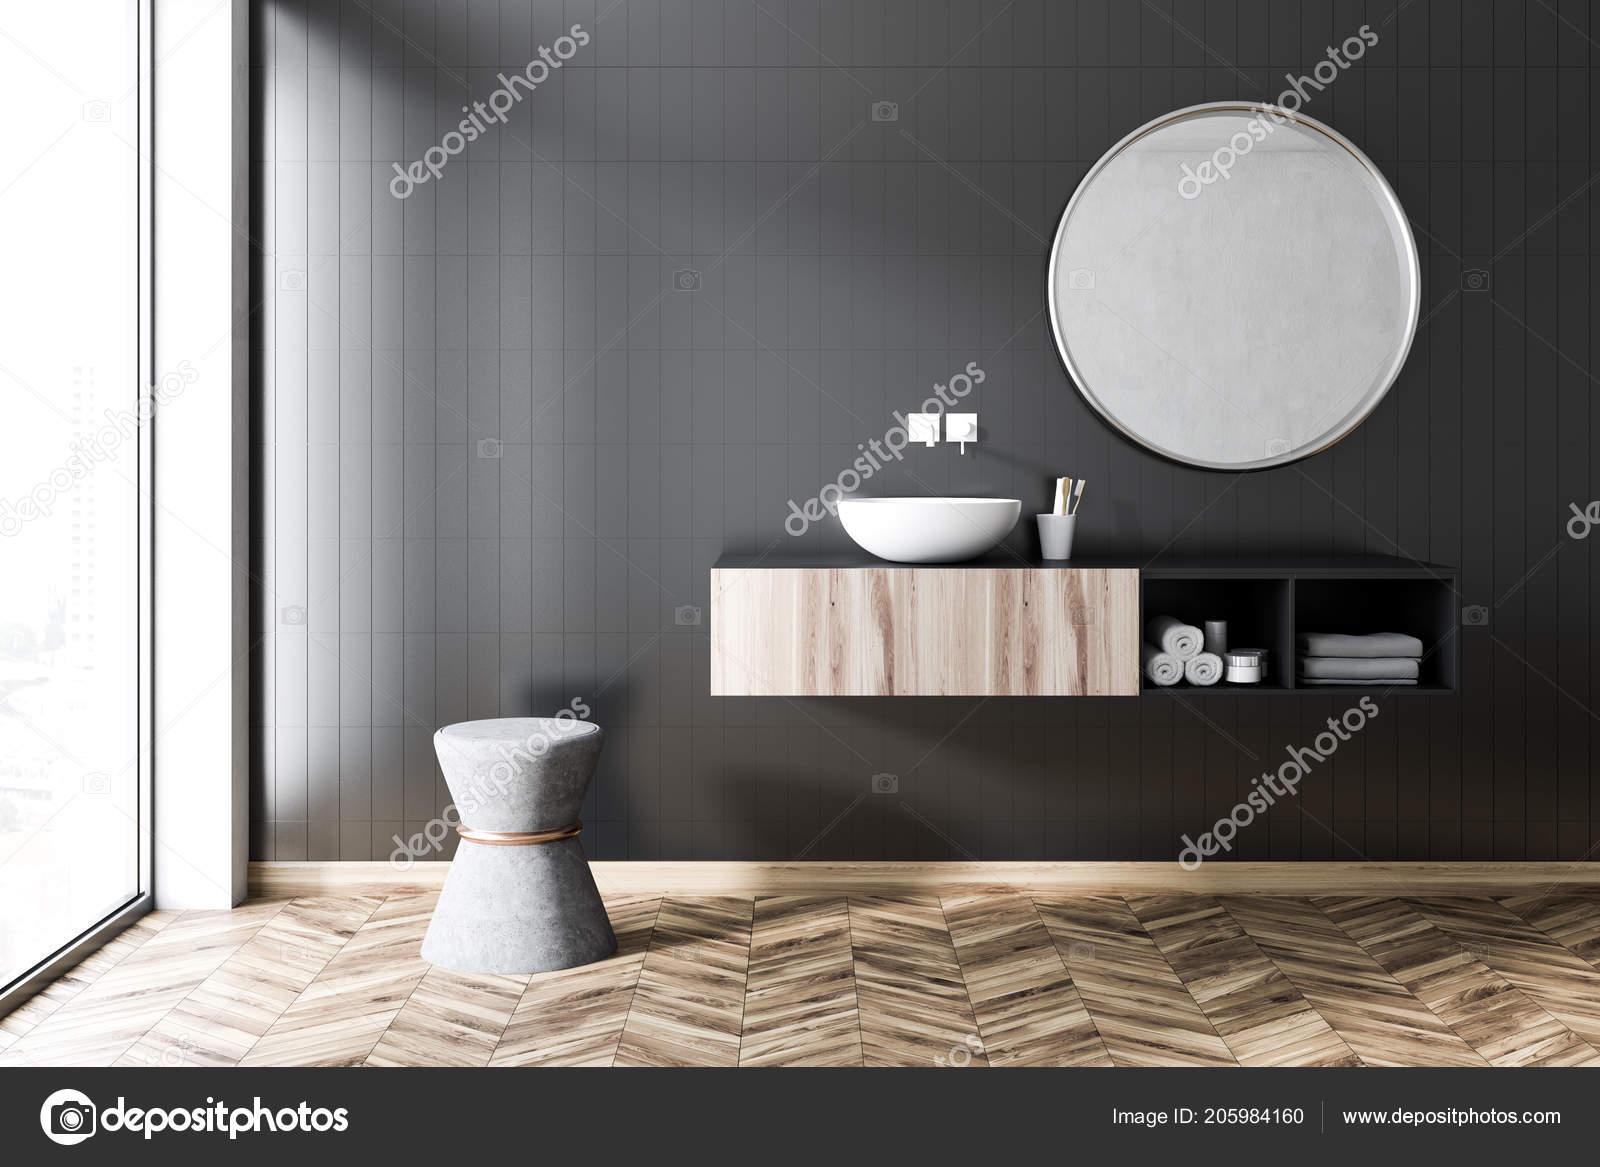 Nero piastrelle interni bagno con pavimento legno finestre